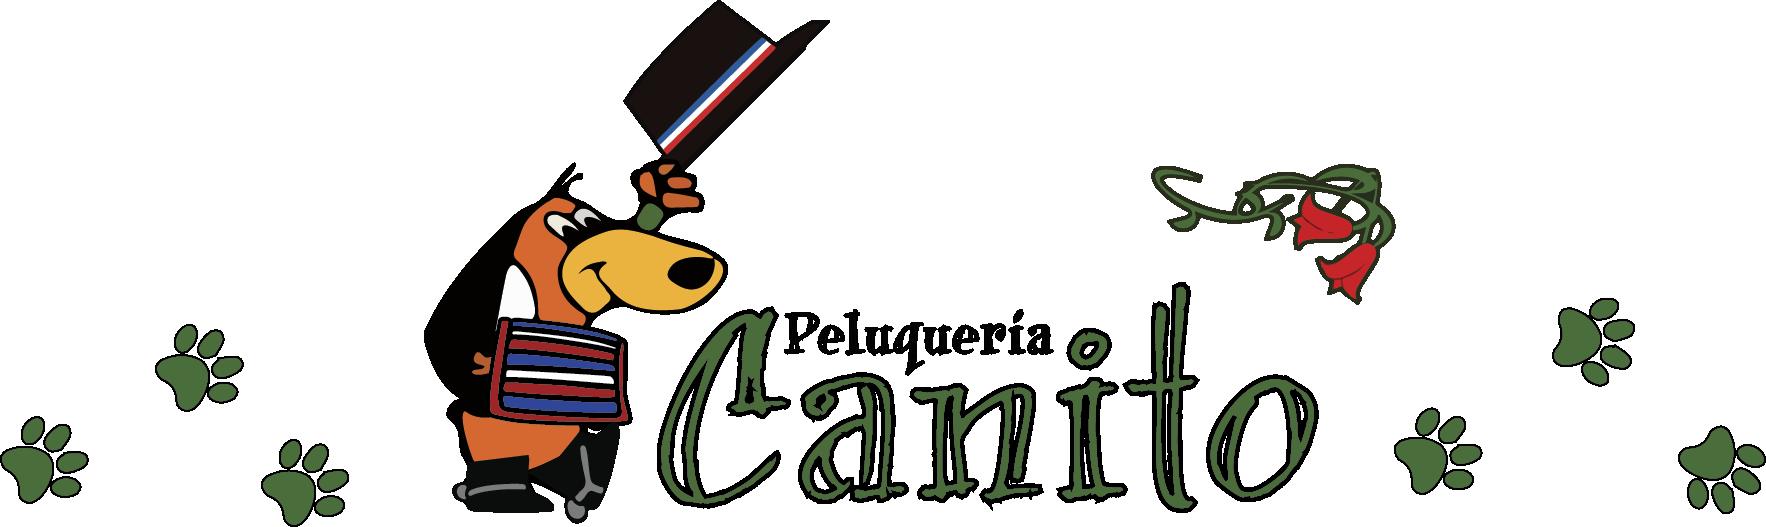 PeluqueríaCaninaCanito